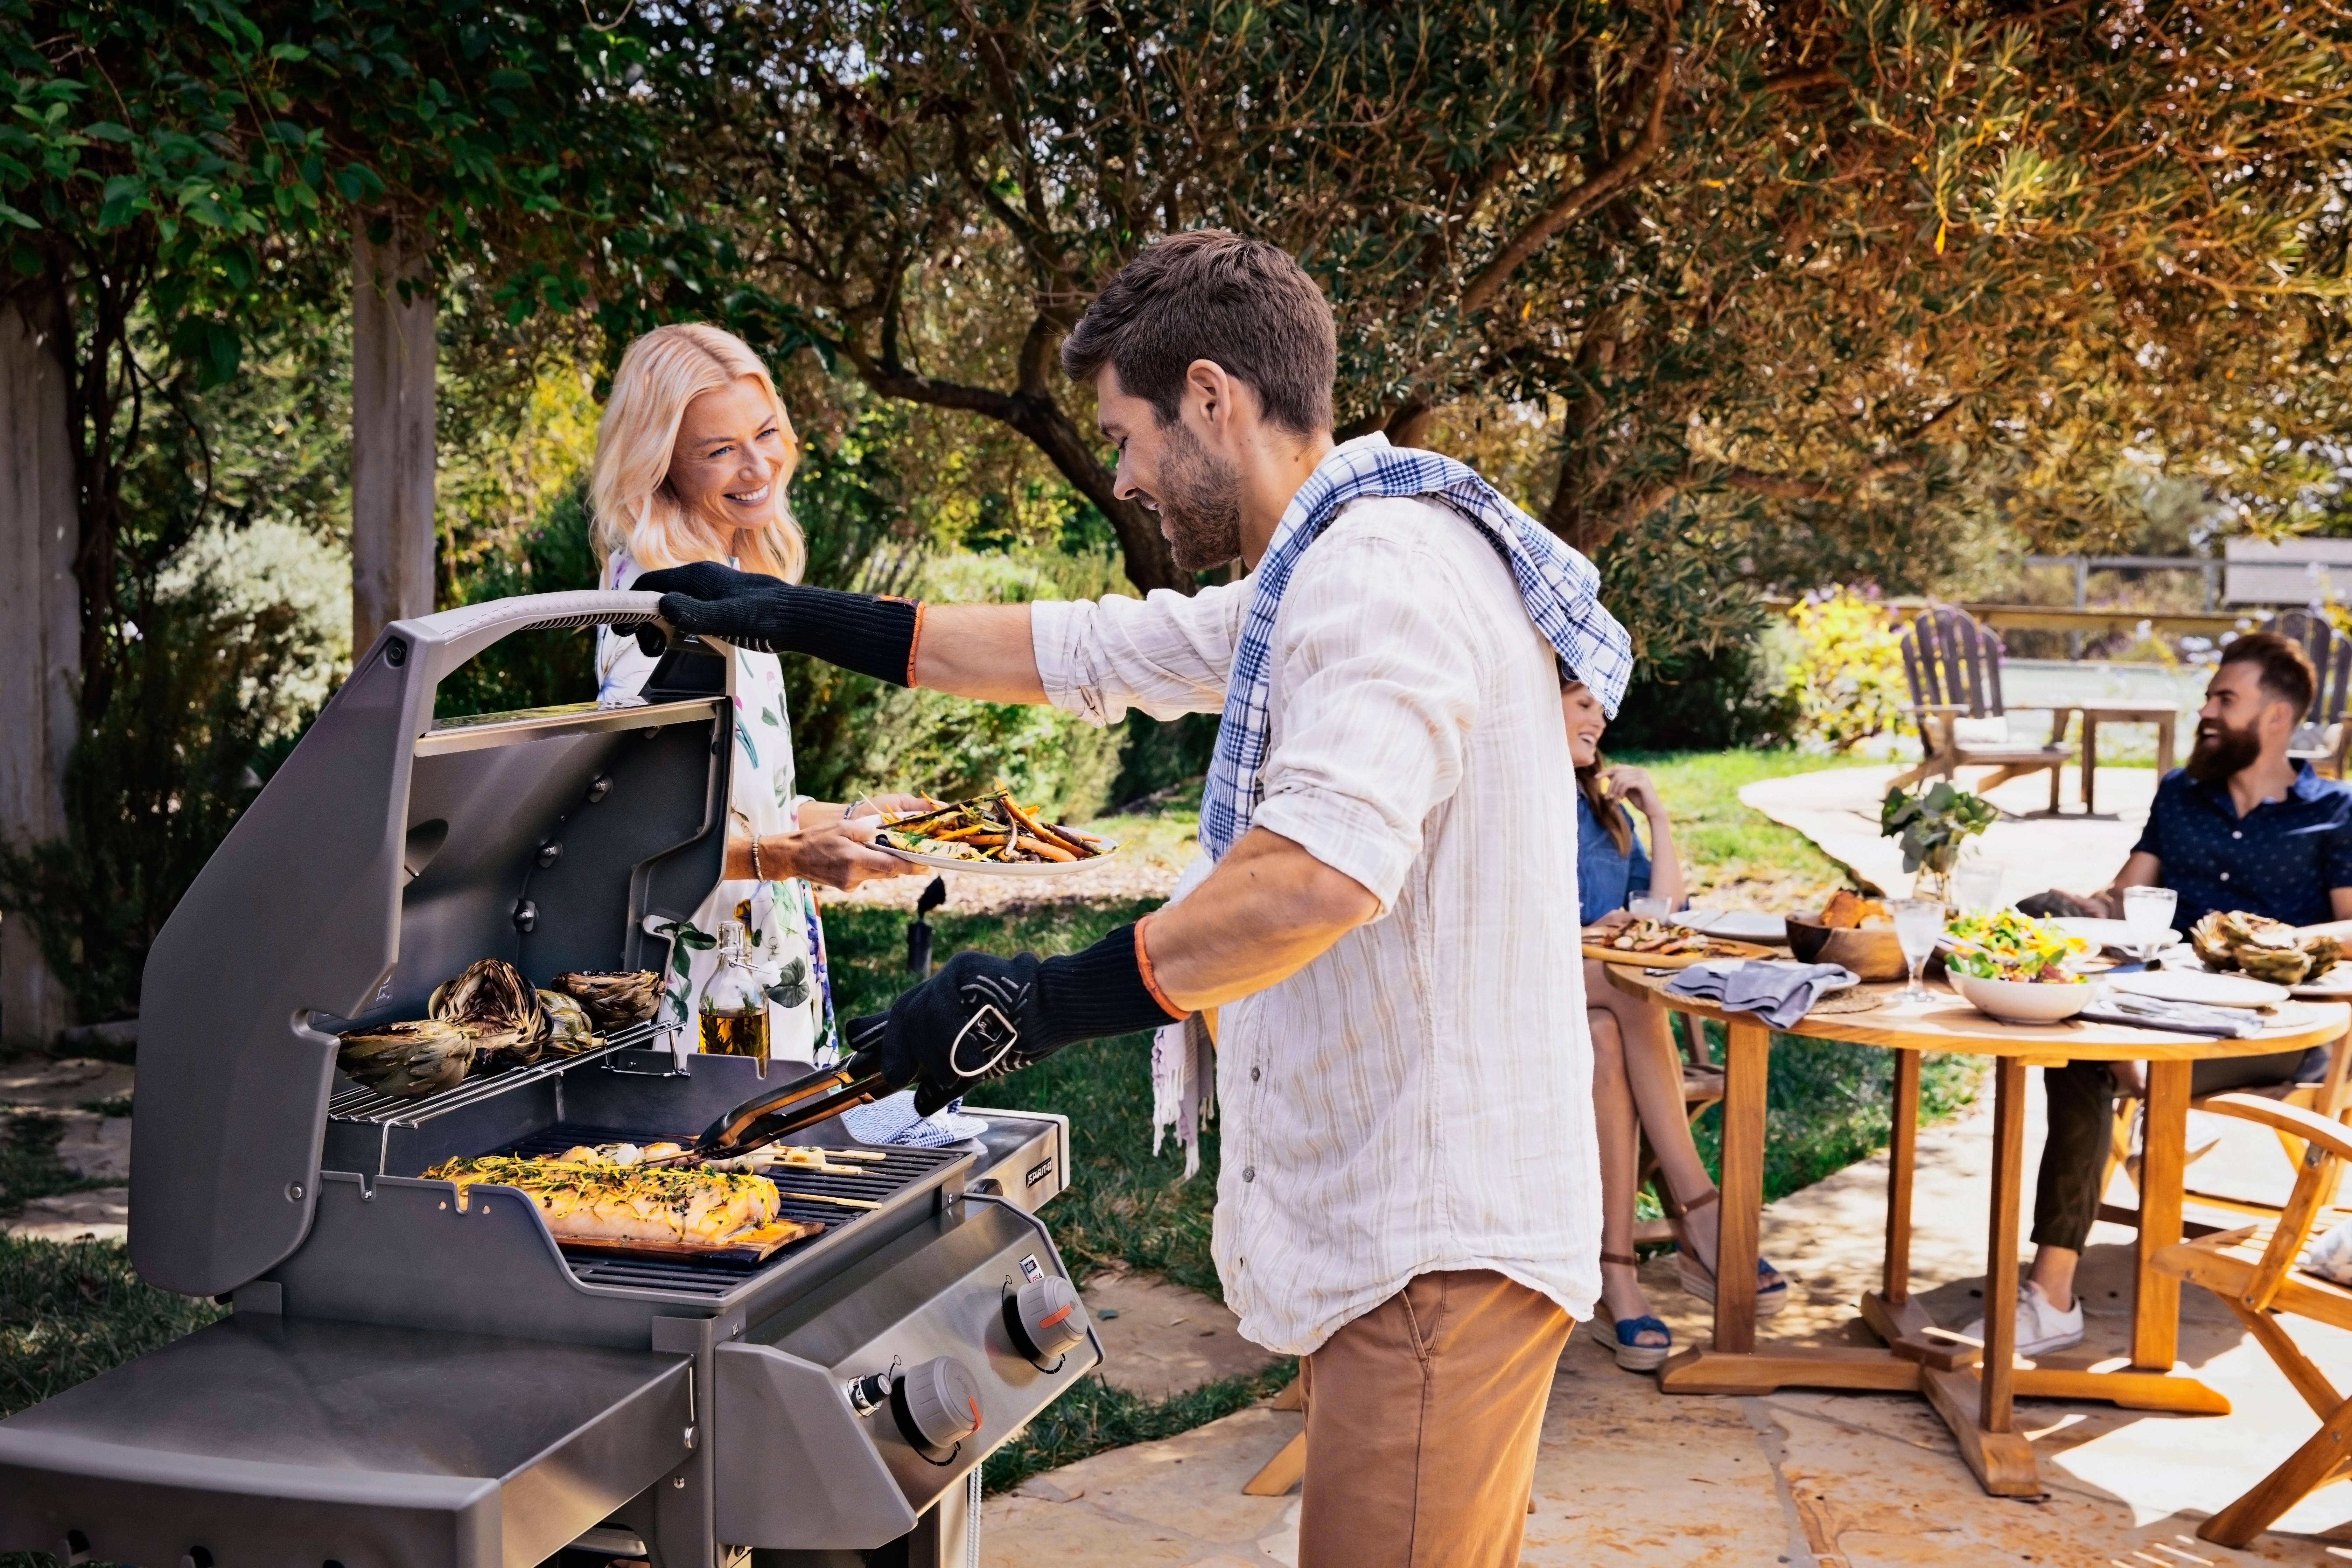 Onderhoudstips voor je gasbarbecue |